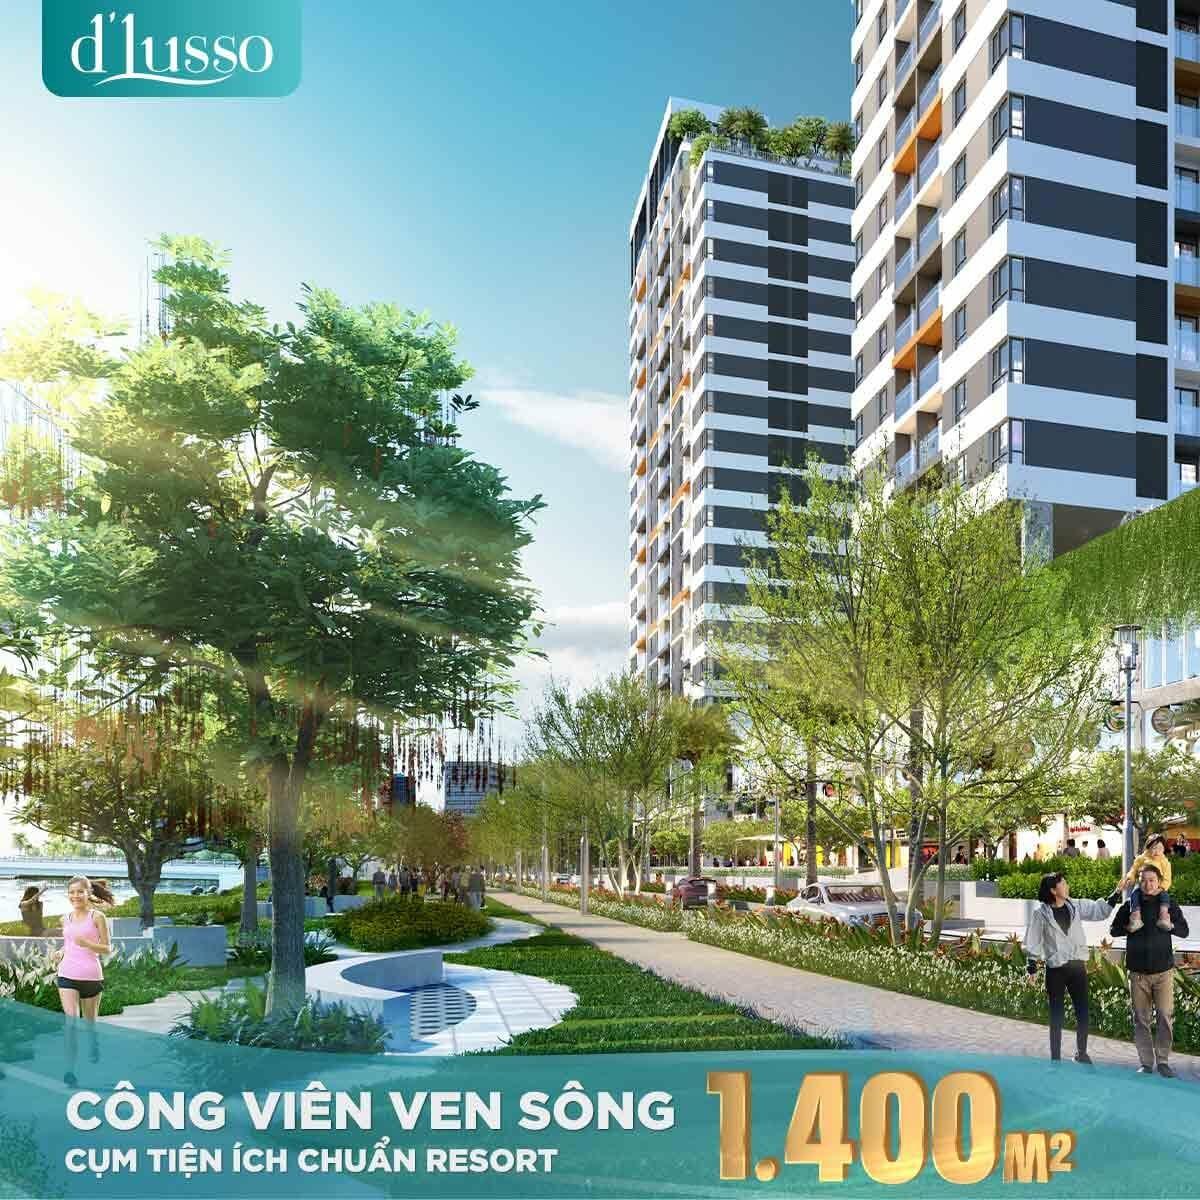 D'Lusso - dự án BĐS khu Đông hút vốn đầu tư nhất hiện nay